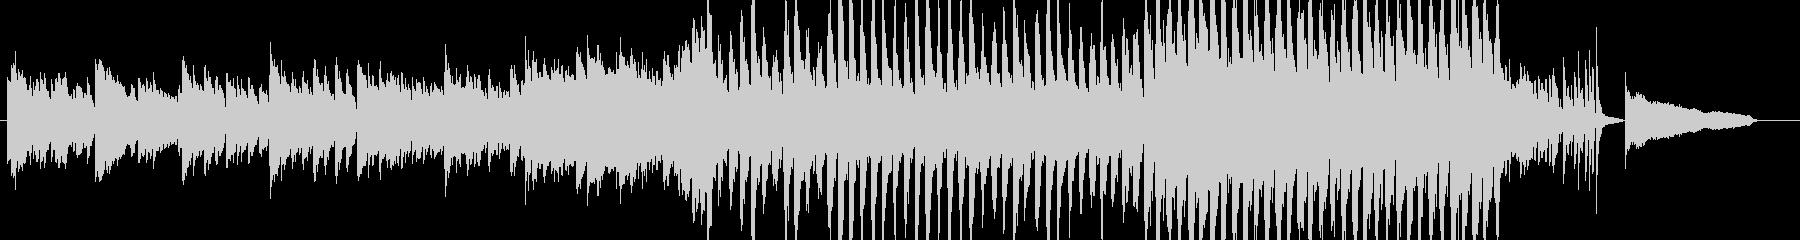 わくわくする前向きなピアノとストリングスの未再生の波形